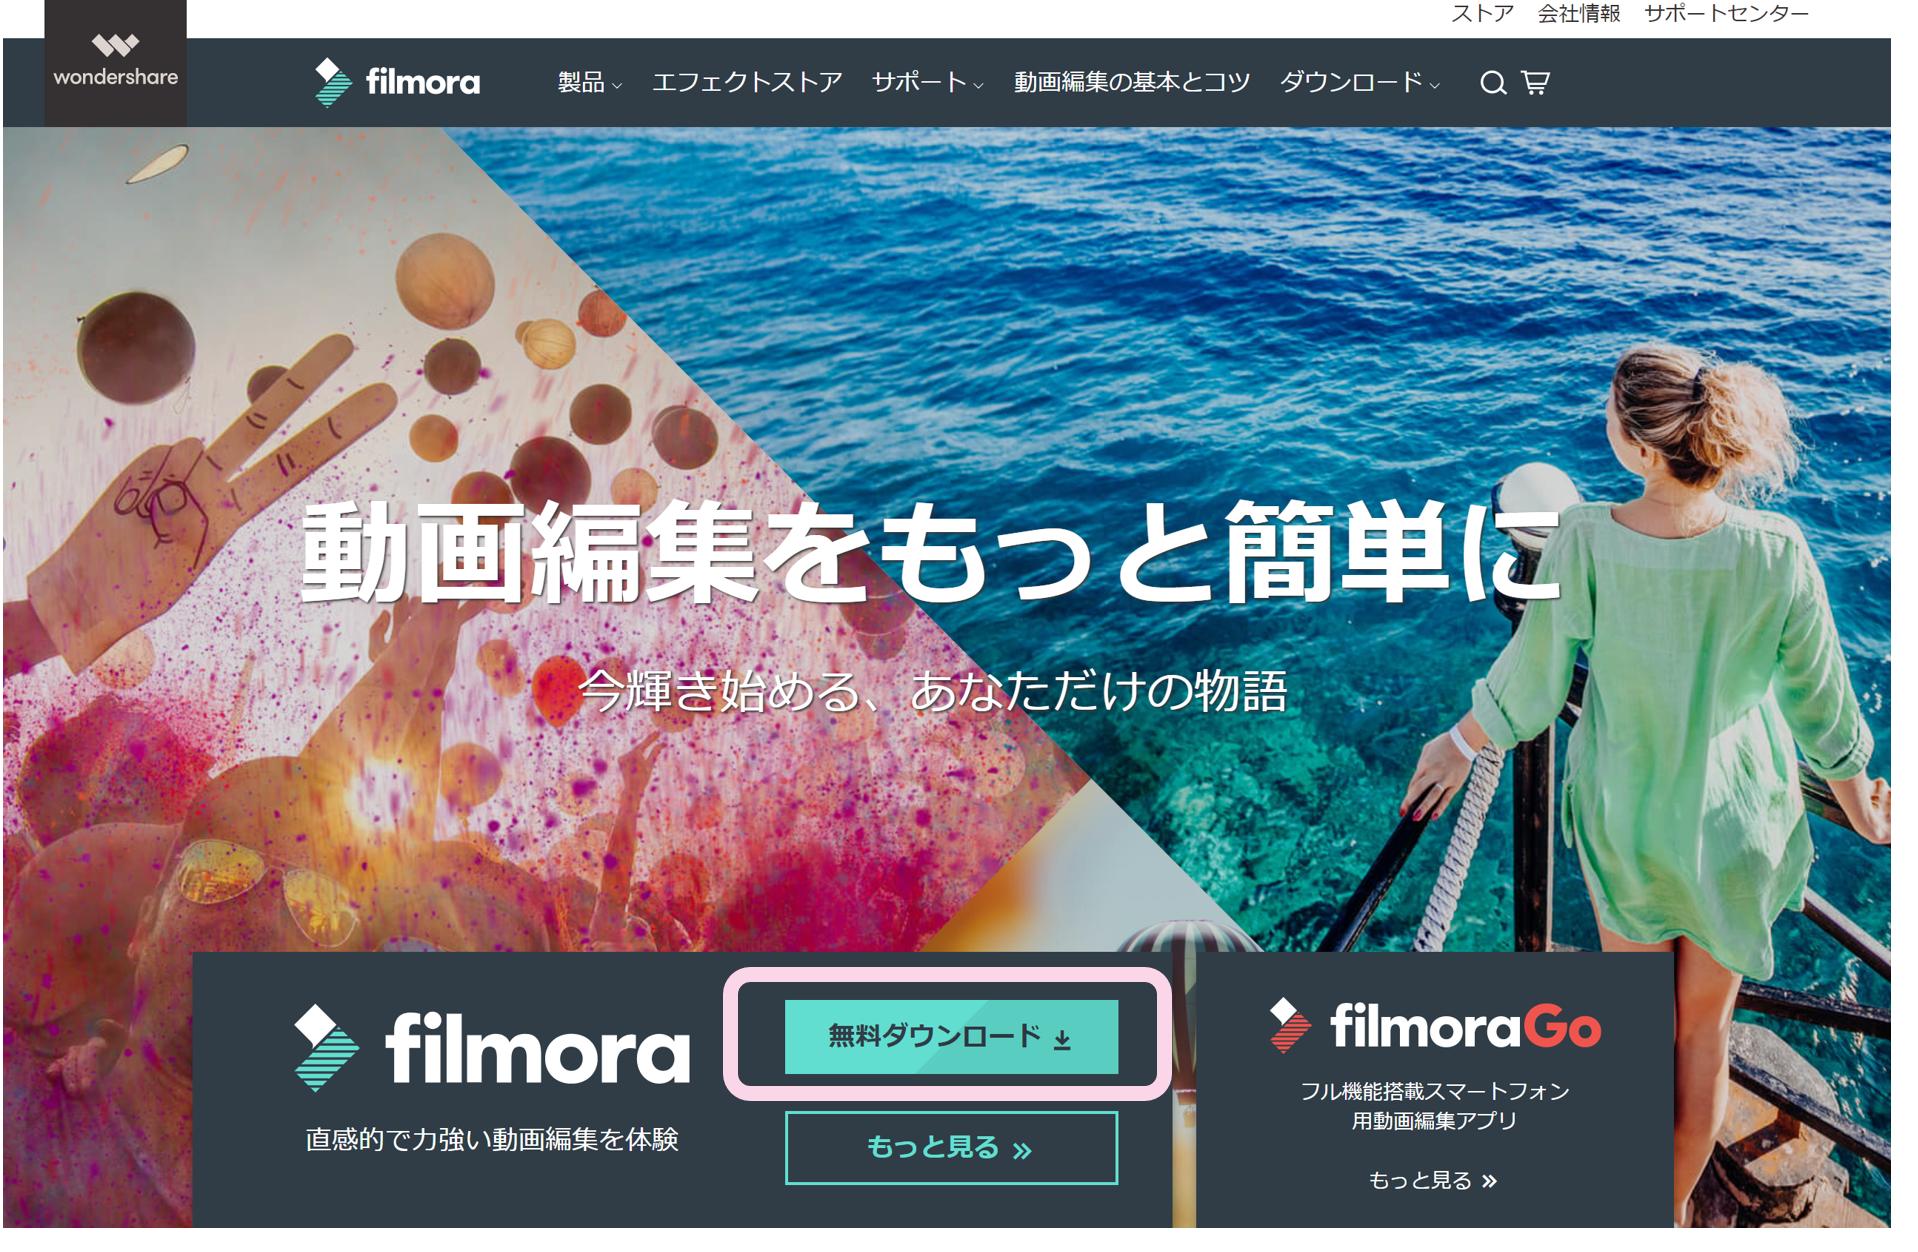 フィモーラ 広告